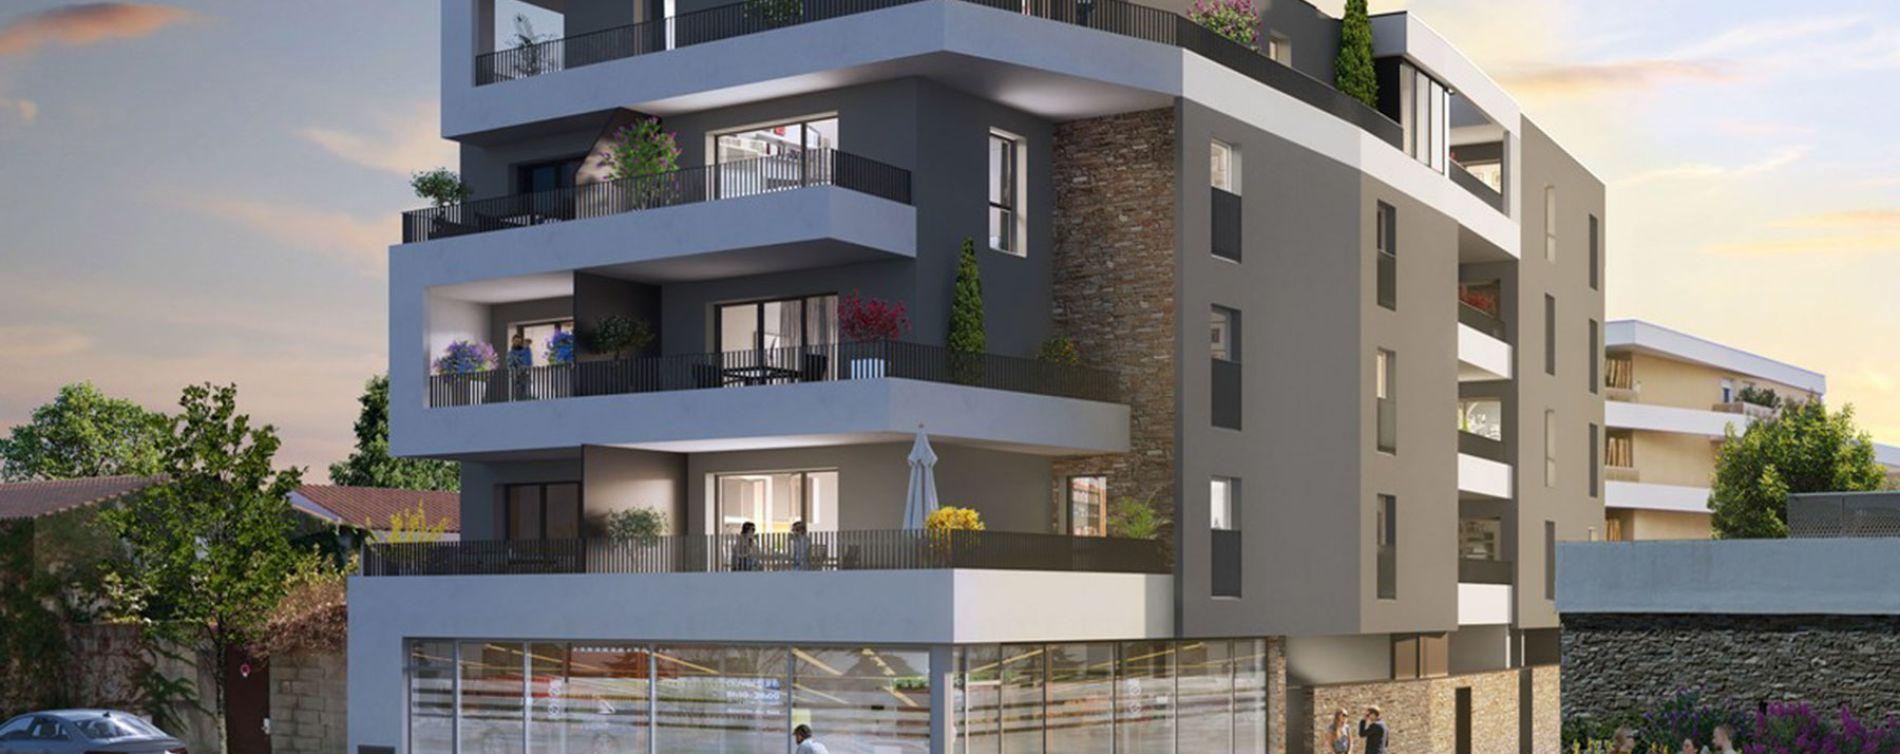 Castelnau-le-Lez : programme immobilier neuve « Programme immobilier n°219306 » en Loi Pinel (3)